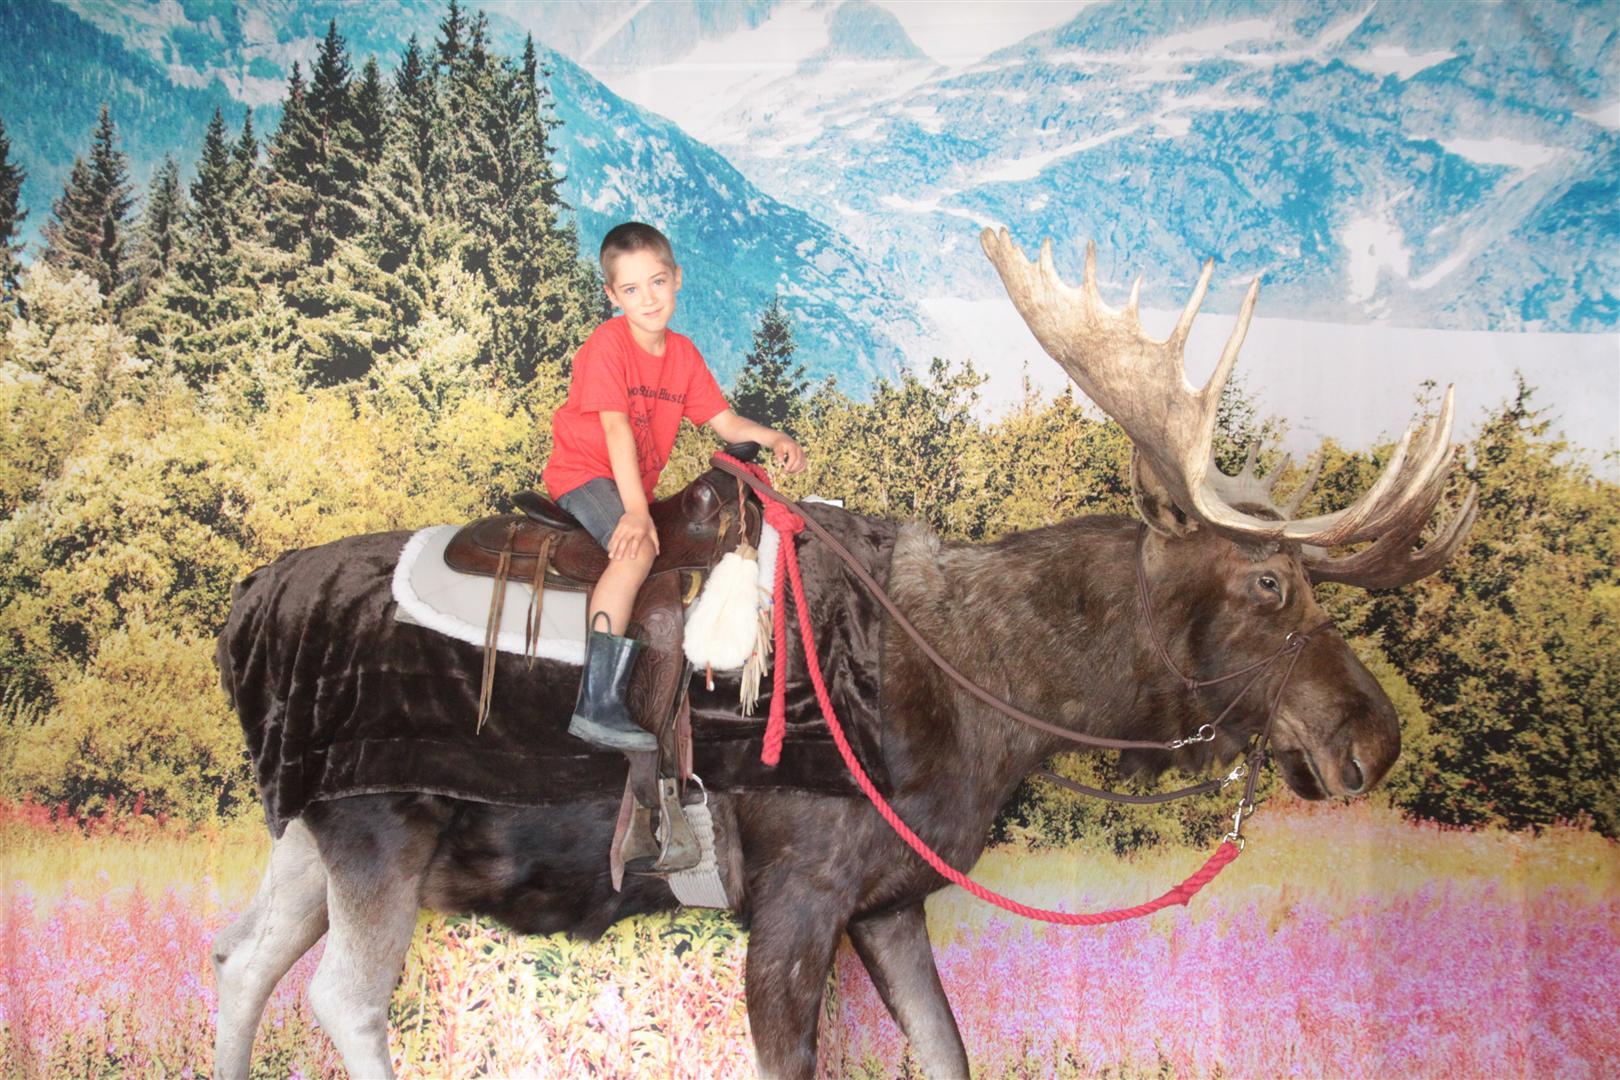 IMG_7649 Janek on moose 1